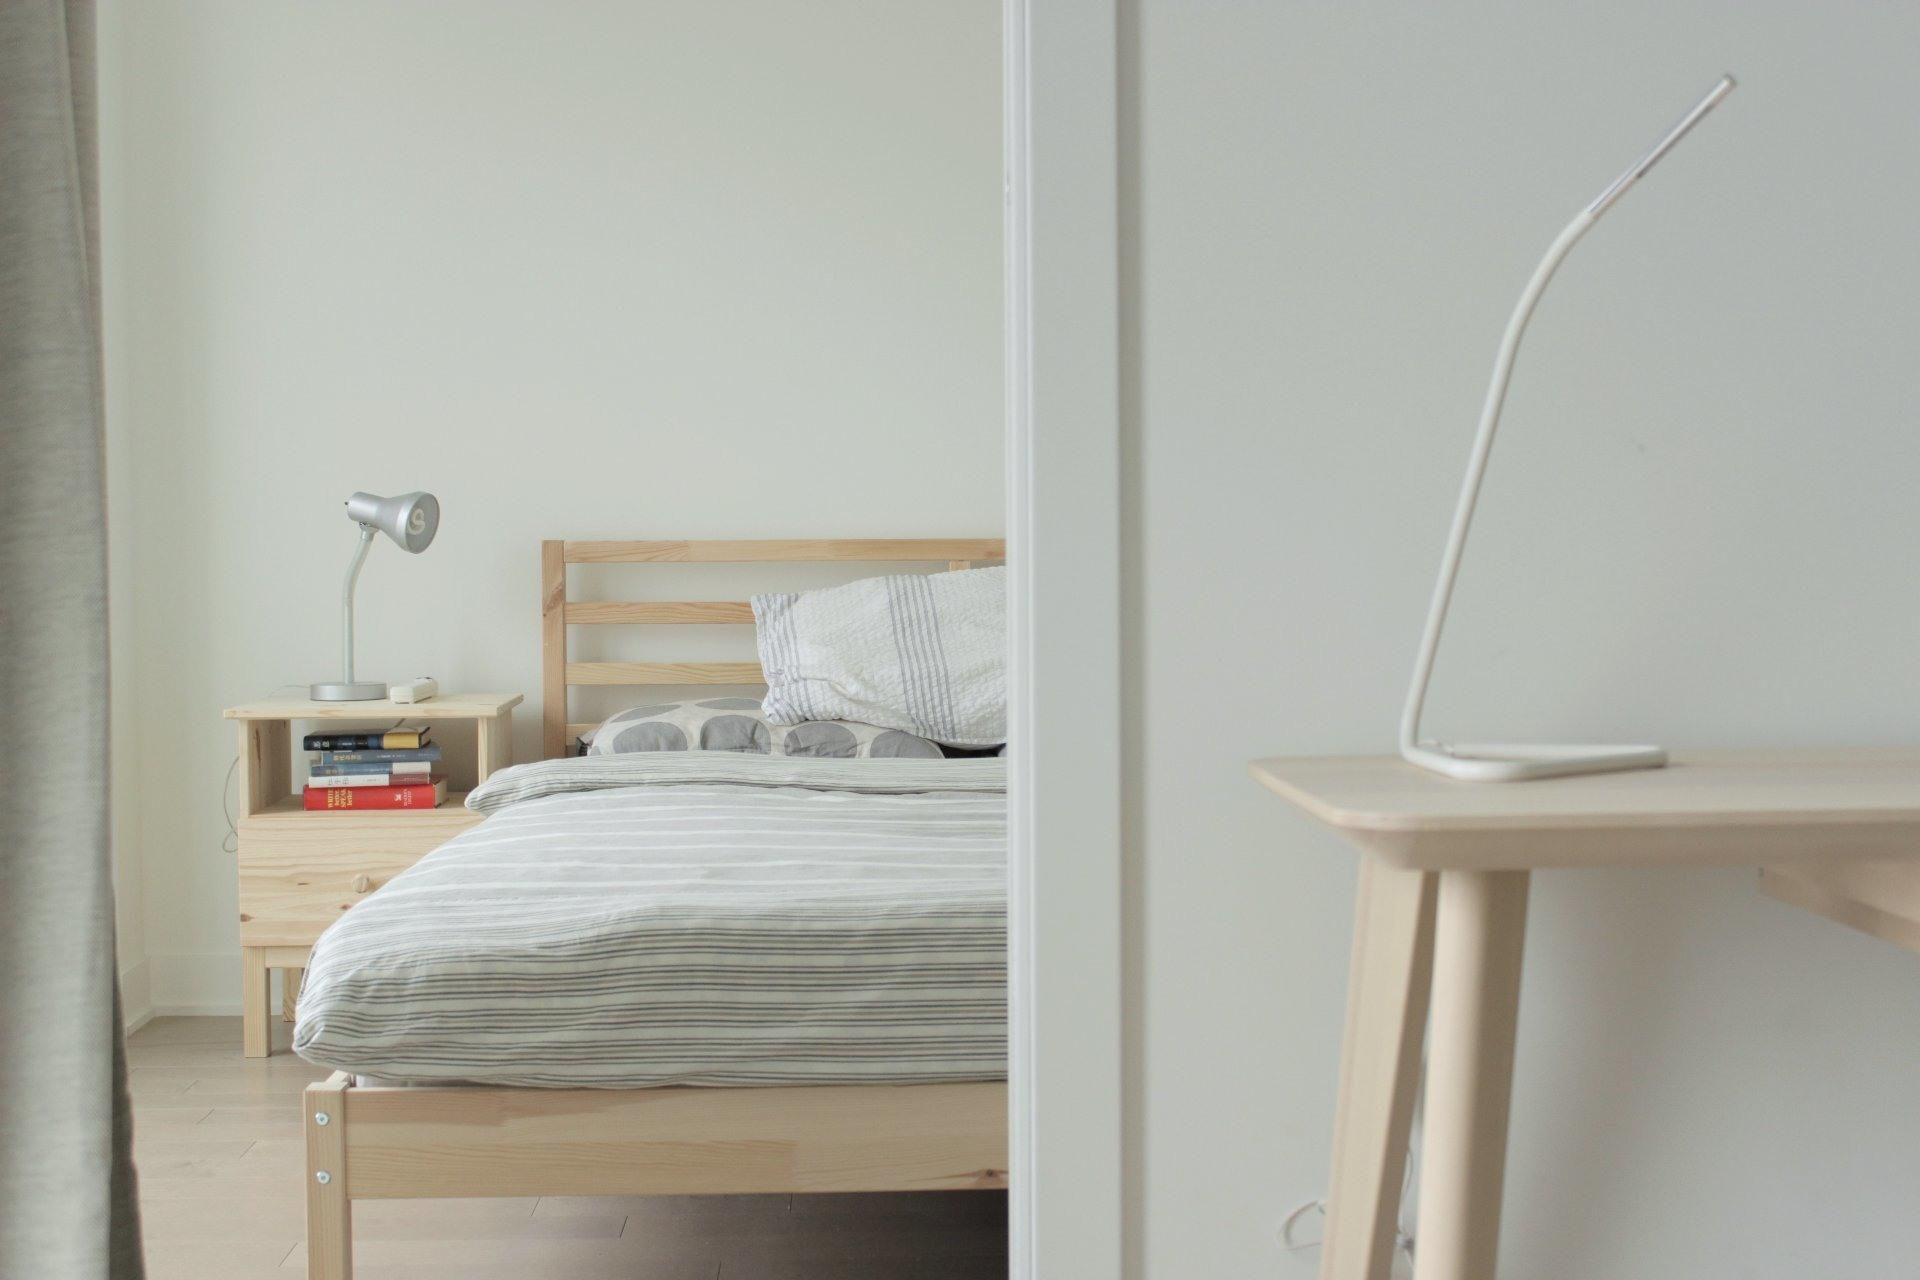 image 5 - Appartement À louer Ville-Marie Montréal  - 4 pièces